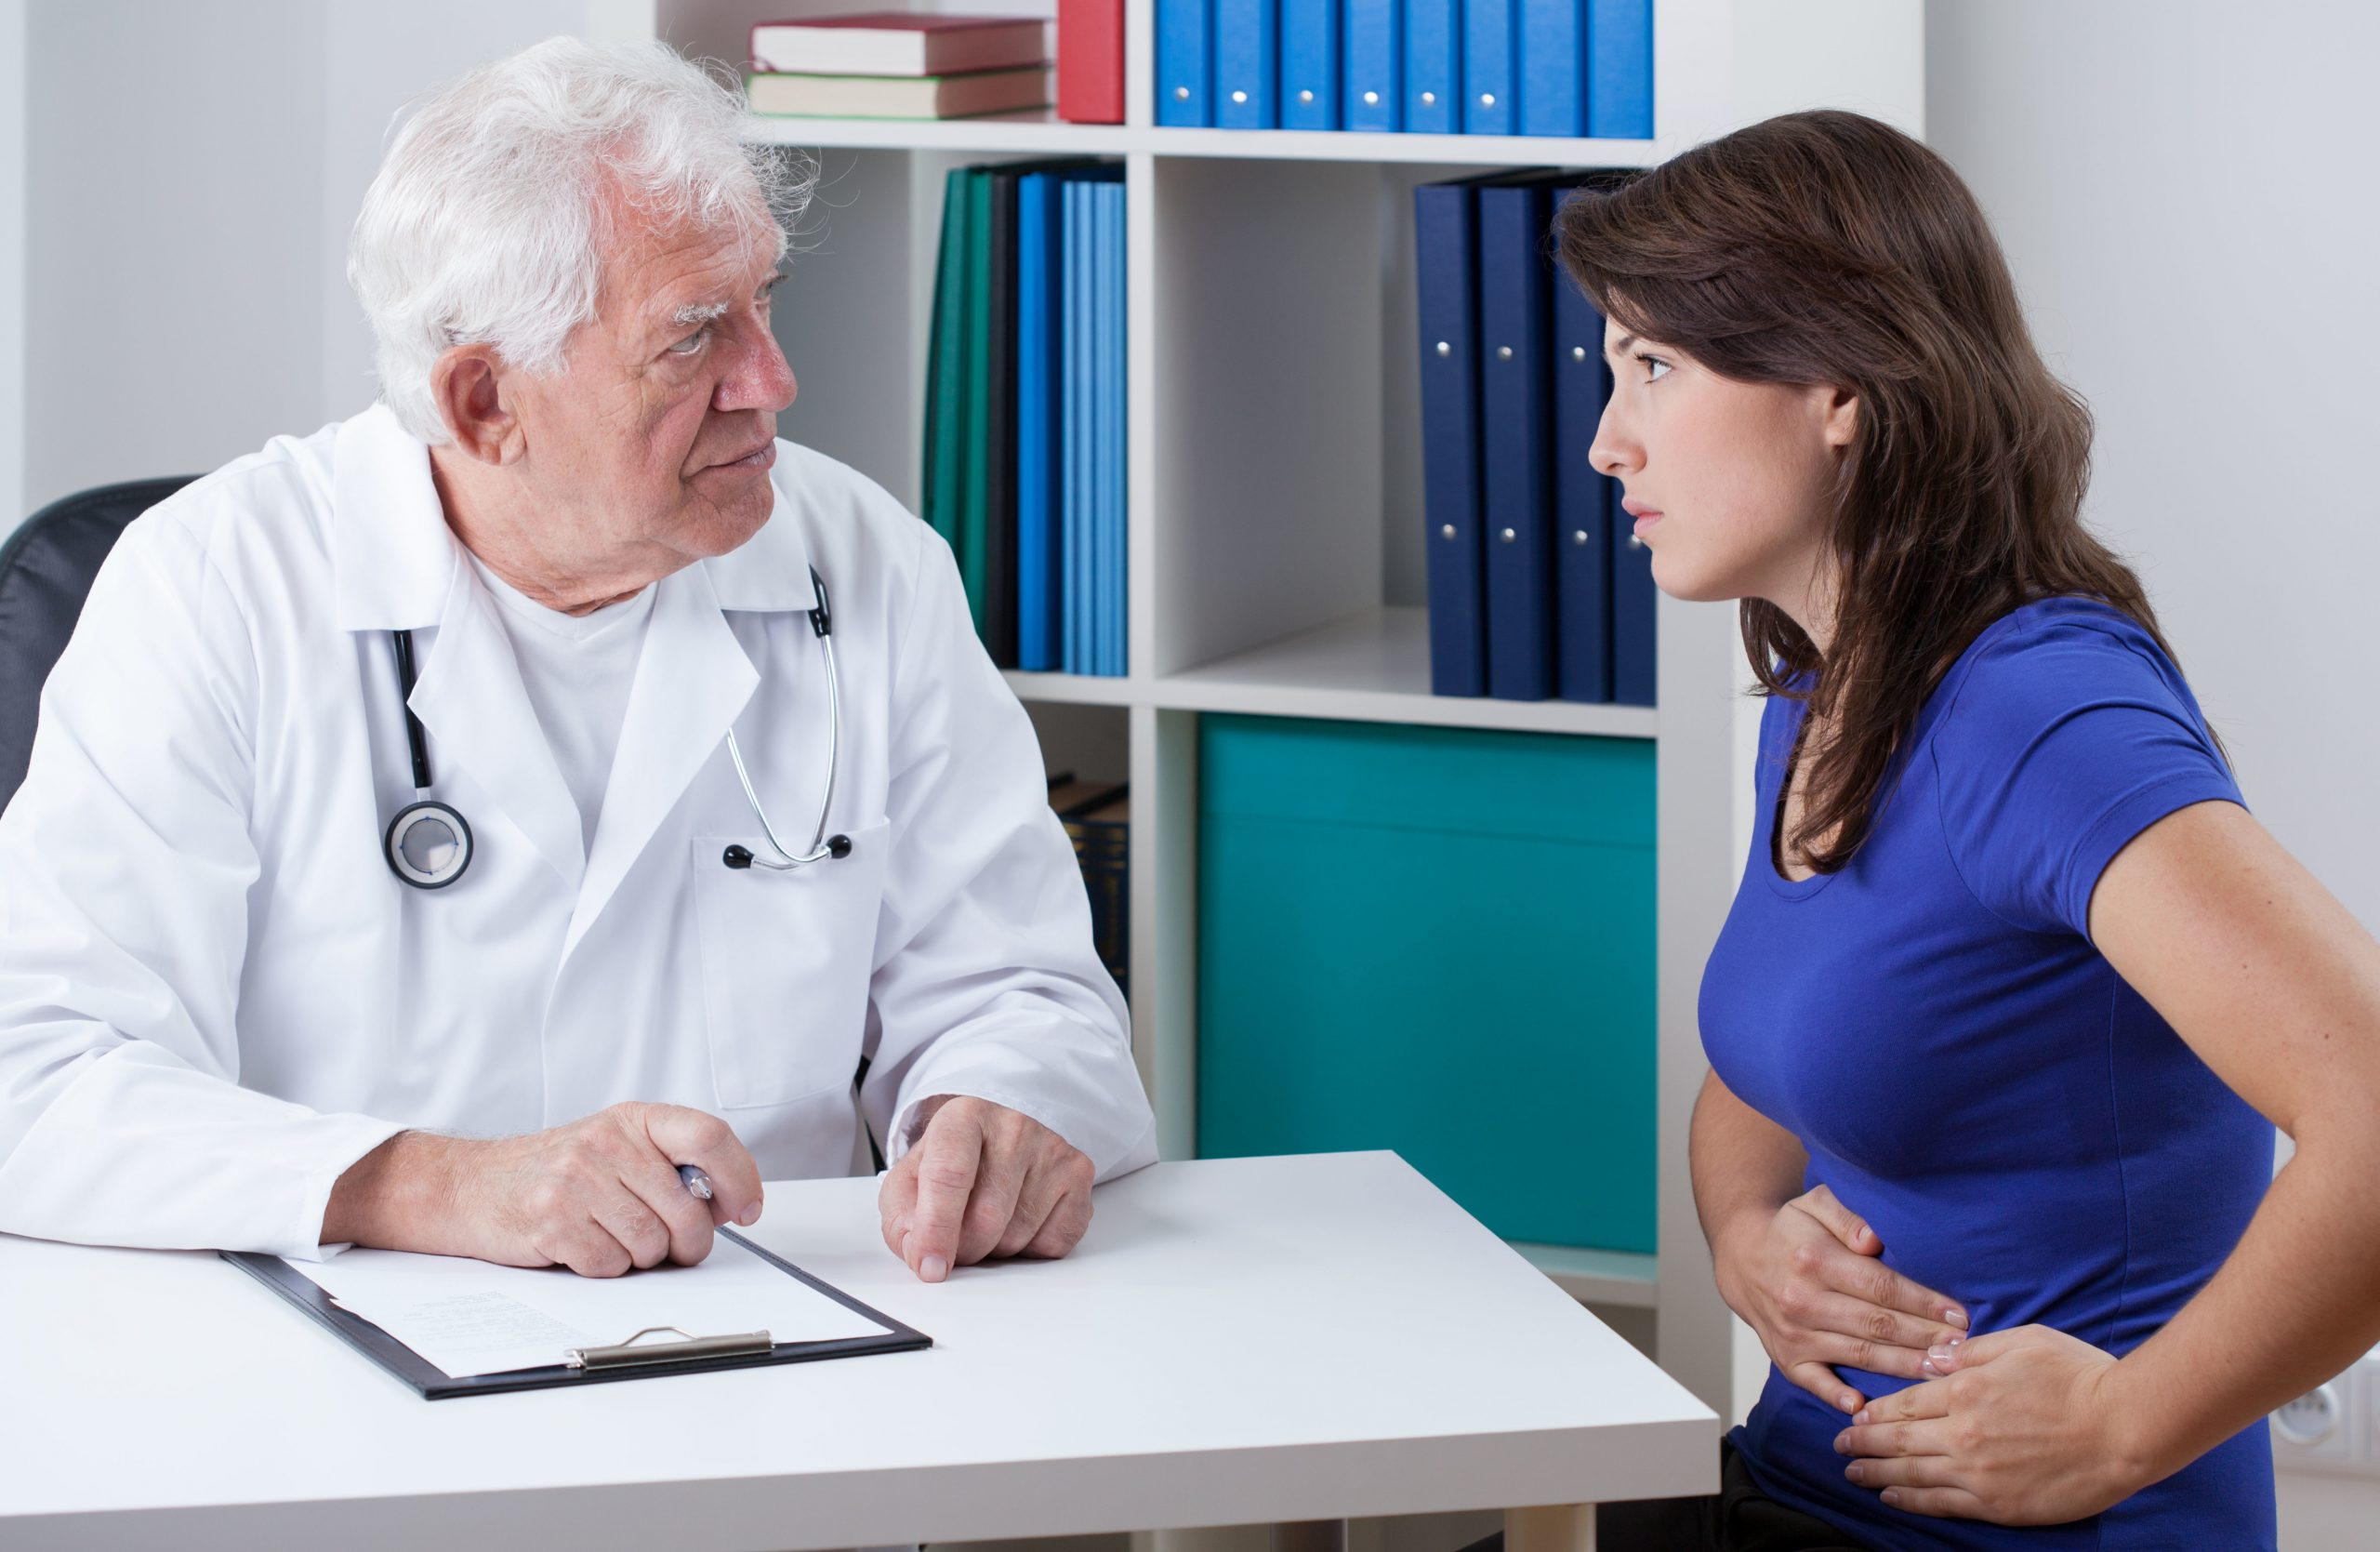 Kobieta na konsultacji lekarskiej z powodu łagodnego nowotworu sromu